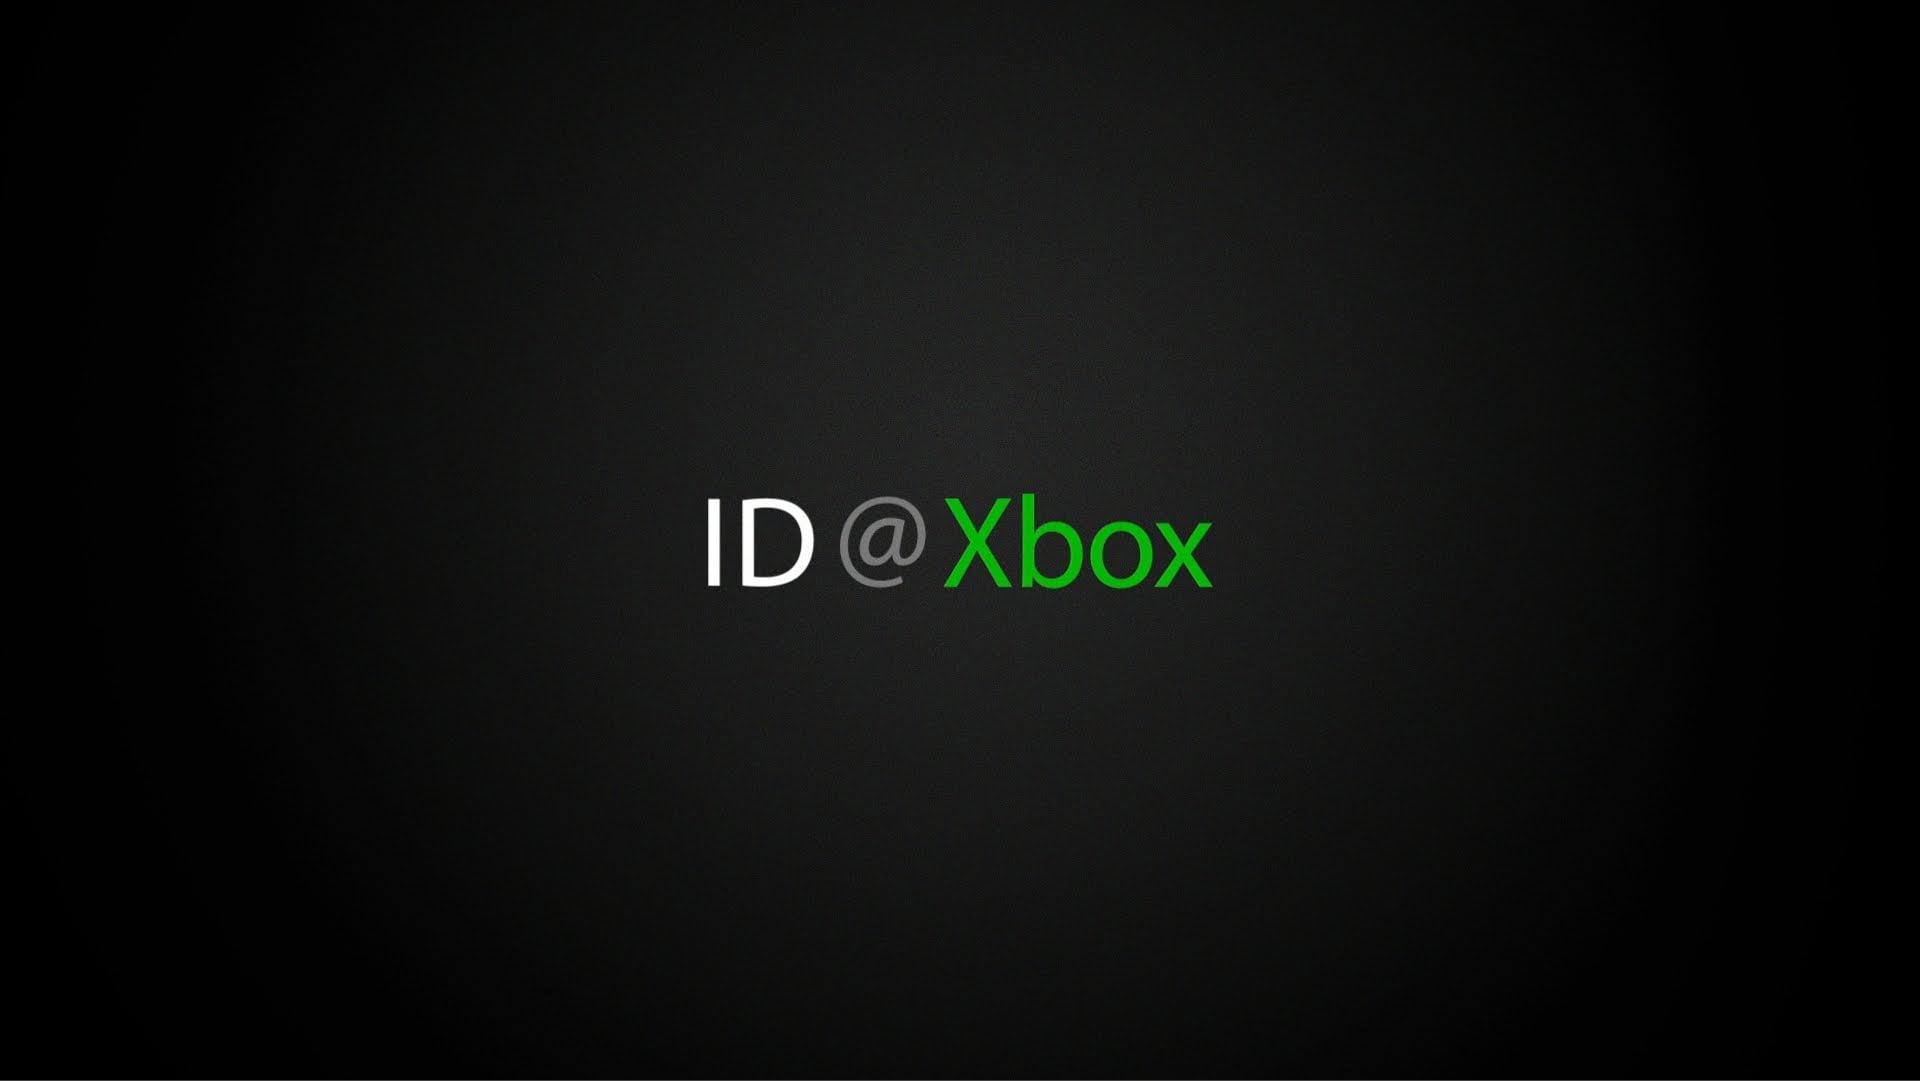 Los desarrolladores indies se quedan con ID@XBOX